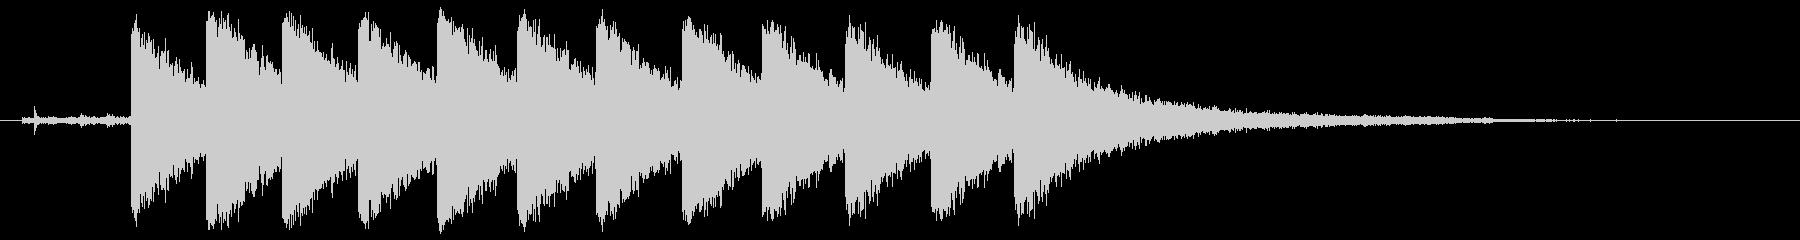 クロック5、bozak、1823、...の未再生の波形